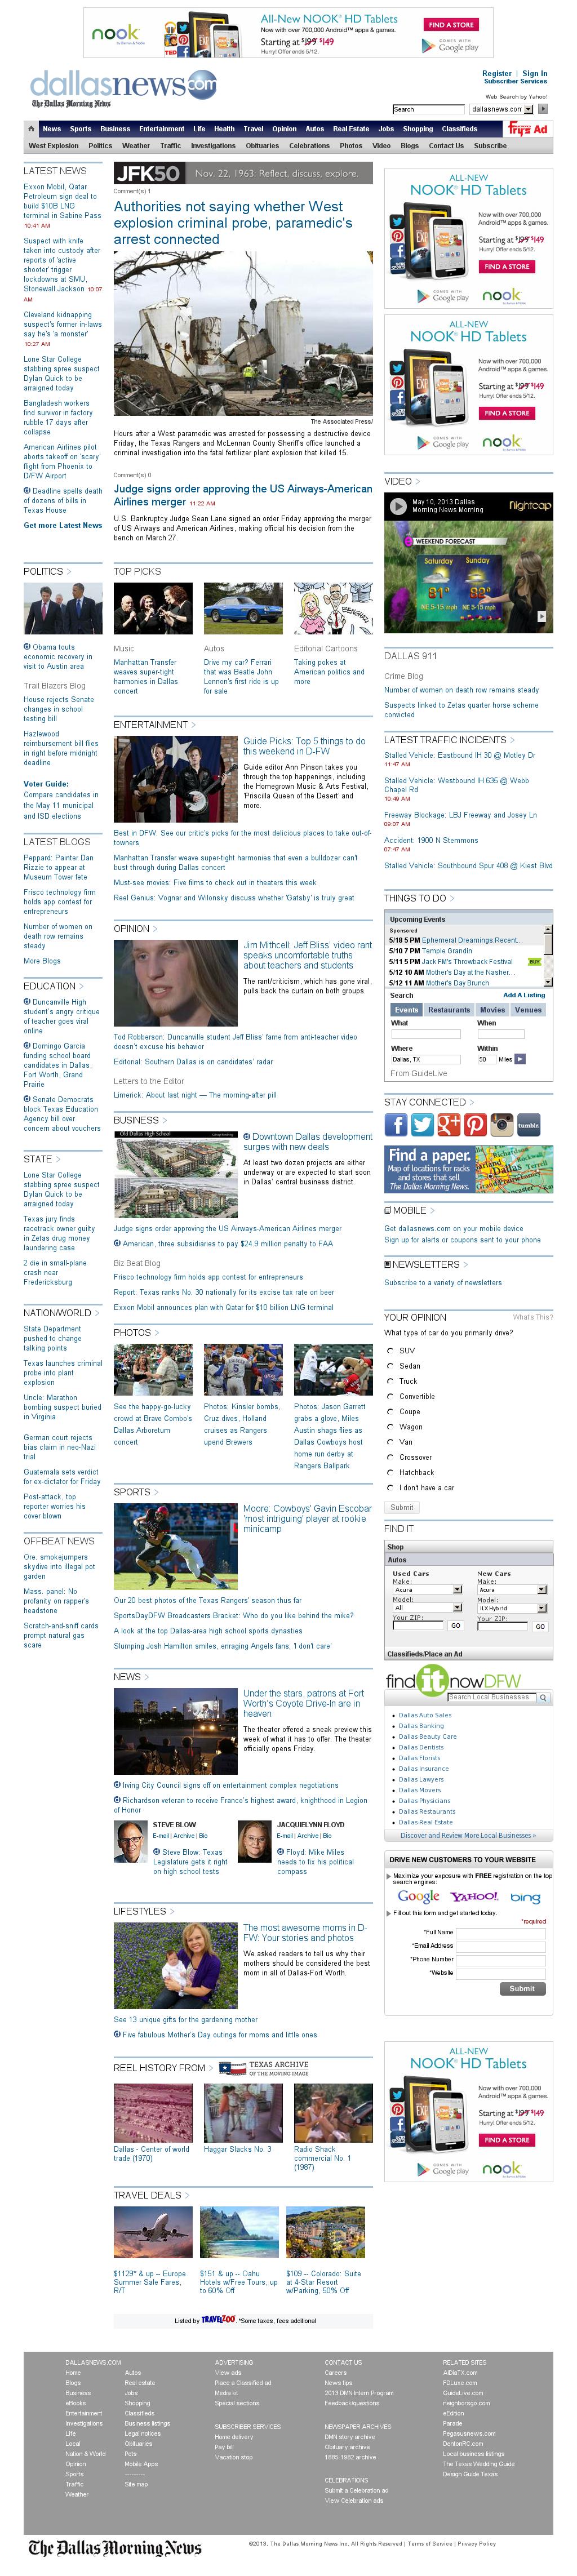 dallasnews.com at Friday May 10, 2013, 5:06 p.m. UTC